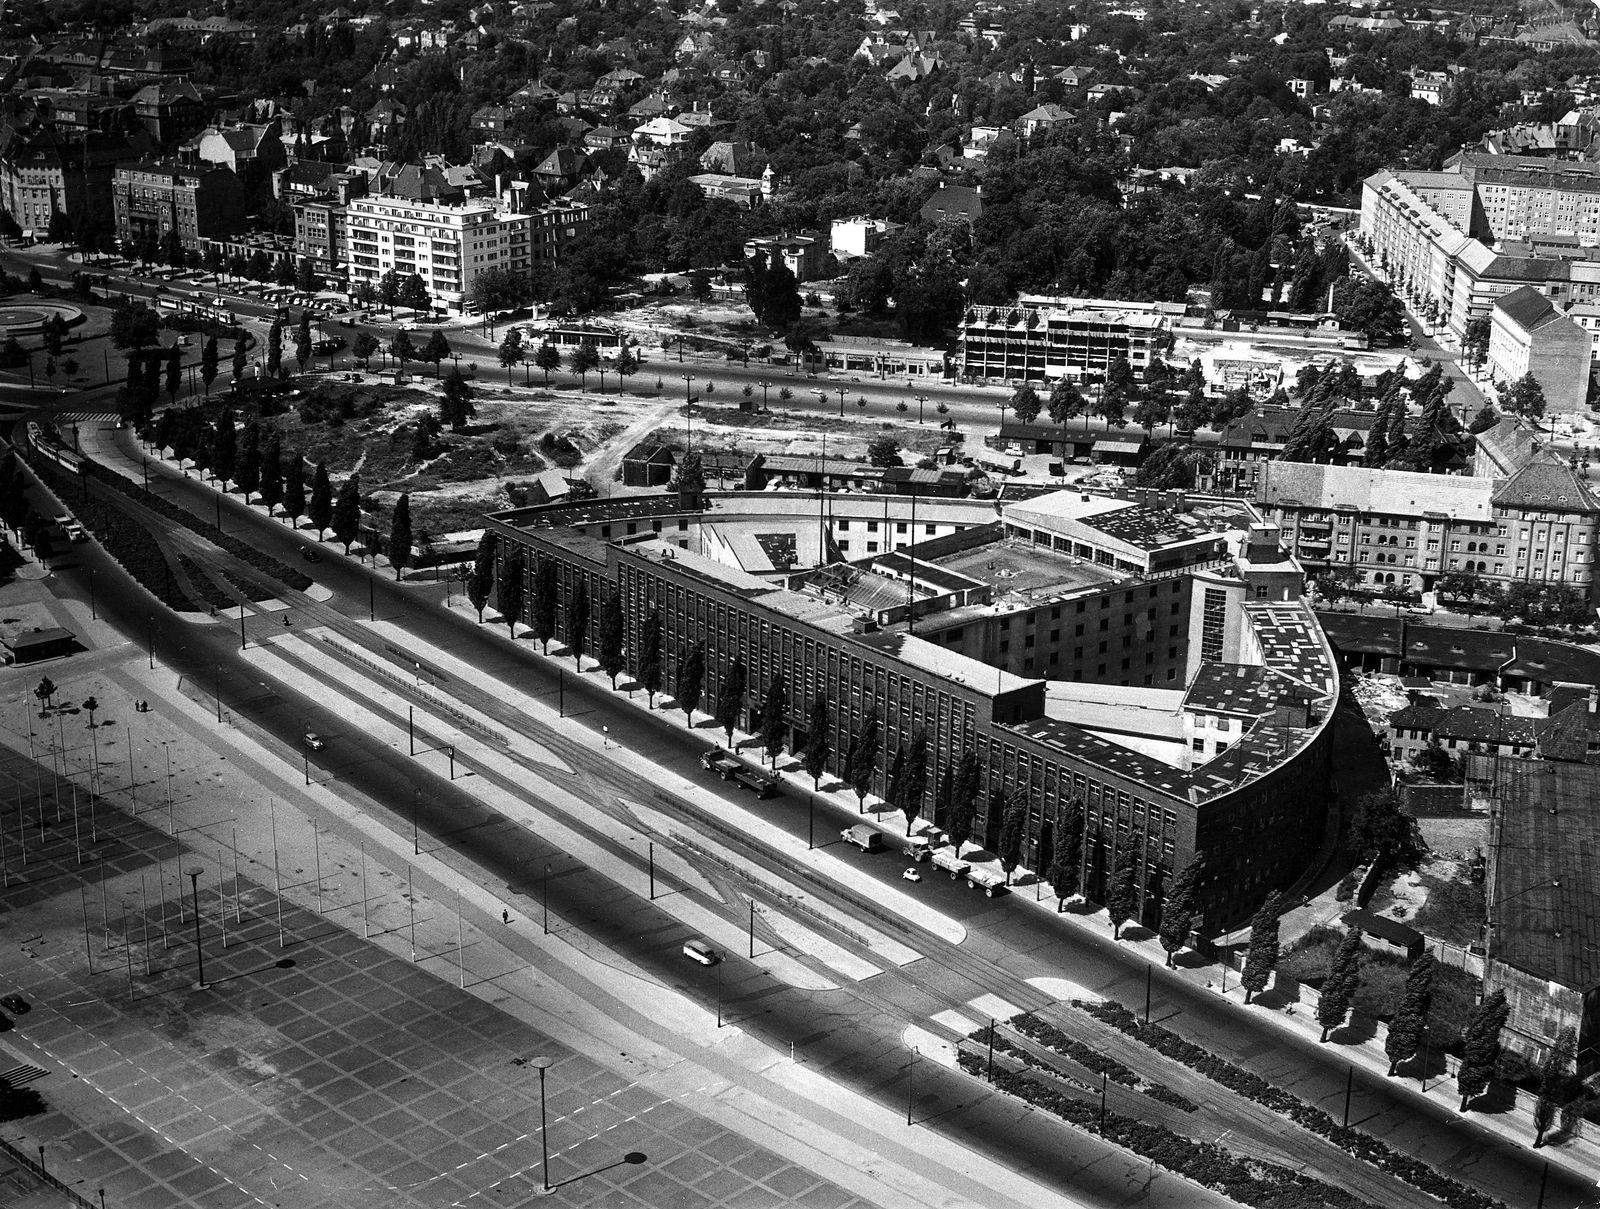 Berlin, Rundfunkhaus (Haus des Rundfunks) von Hans Poelzig an der Masurenallee